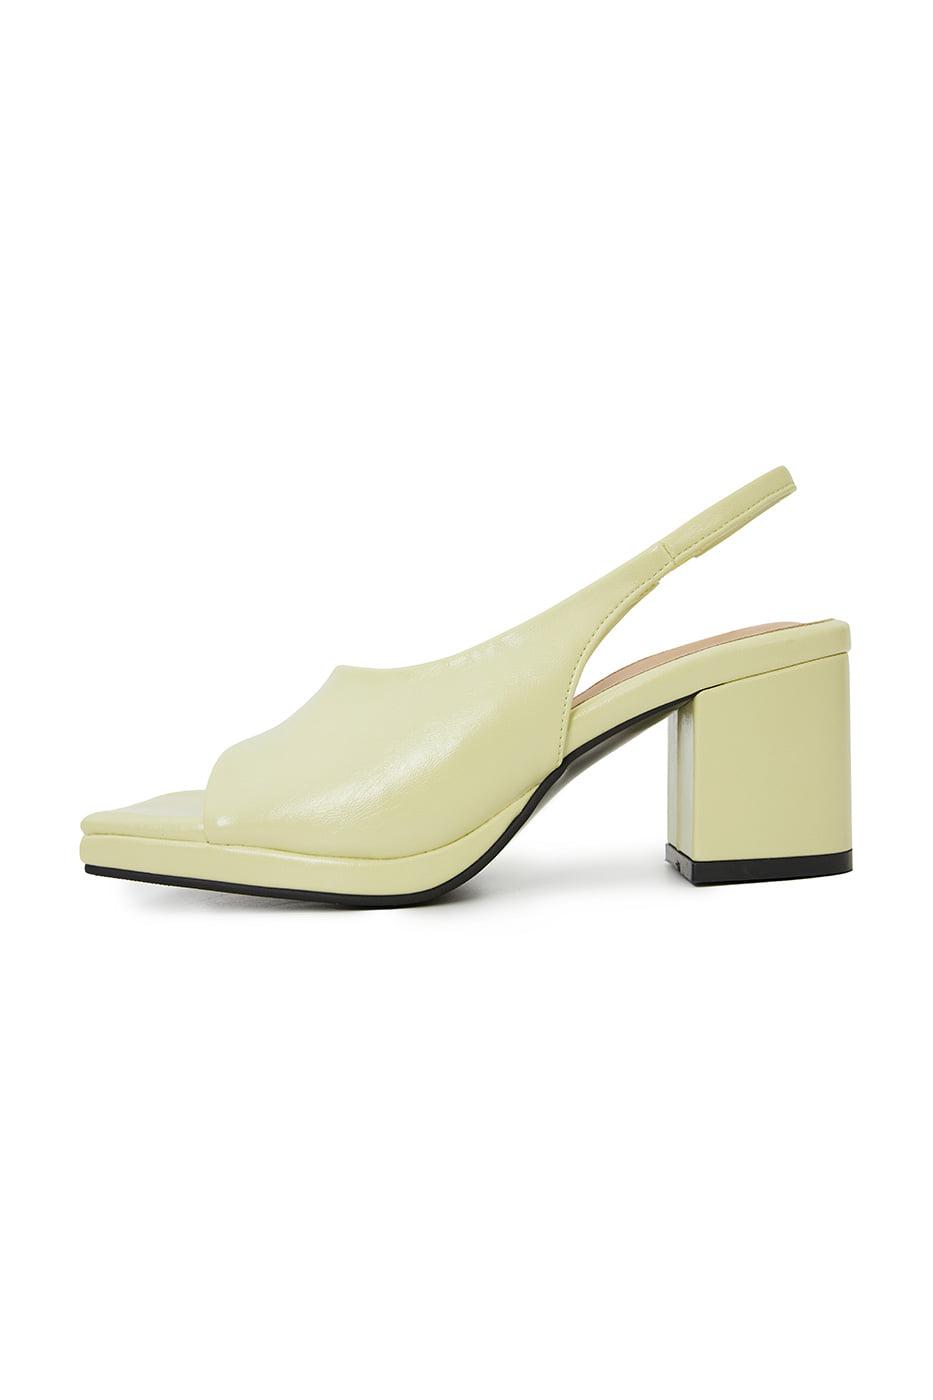 Sage middle heel sandals